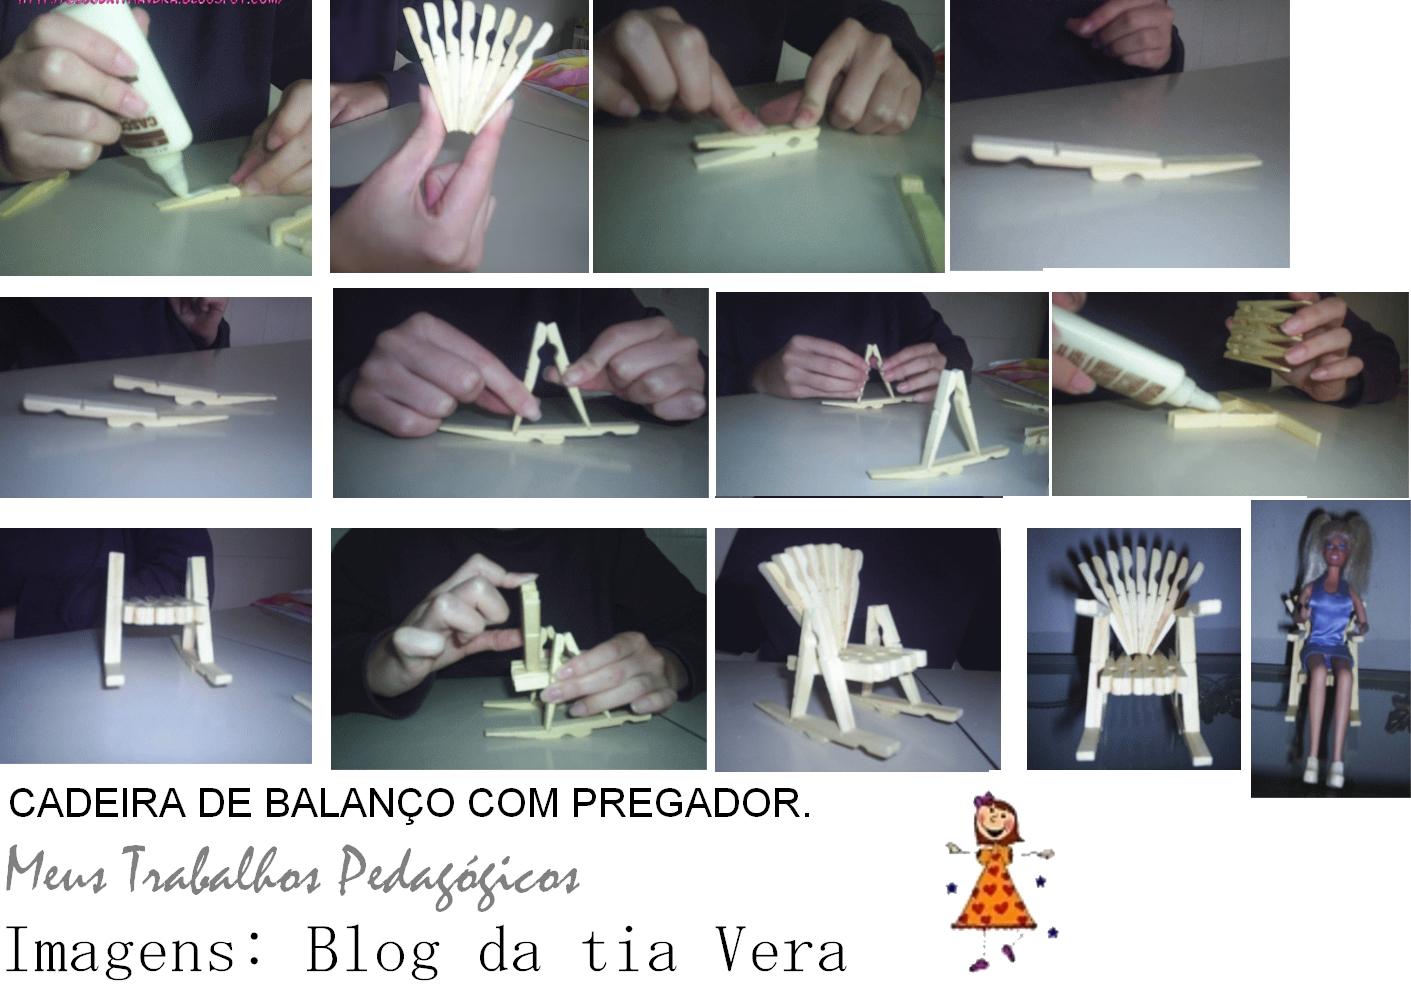 #634946 aprenda a fazer cadeira de balanço com pregadores de roupa.jpg 1411x999 px cadeira de balanço com pregador @ bernauer.info Móveis Antigos Novos E Usados Online